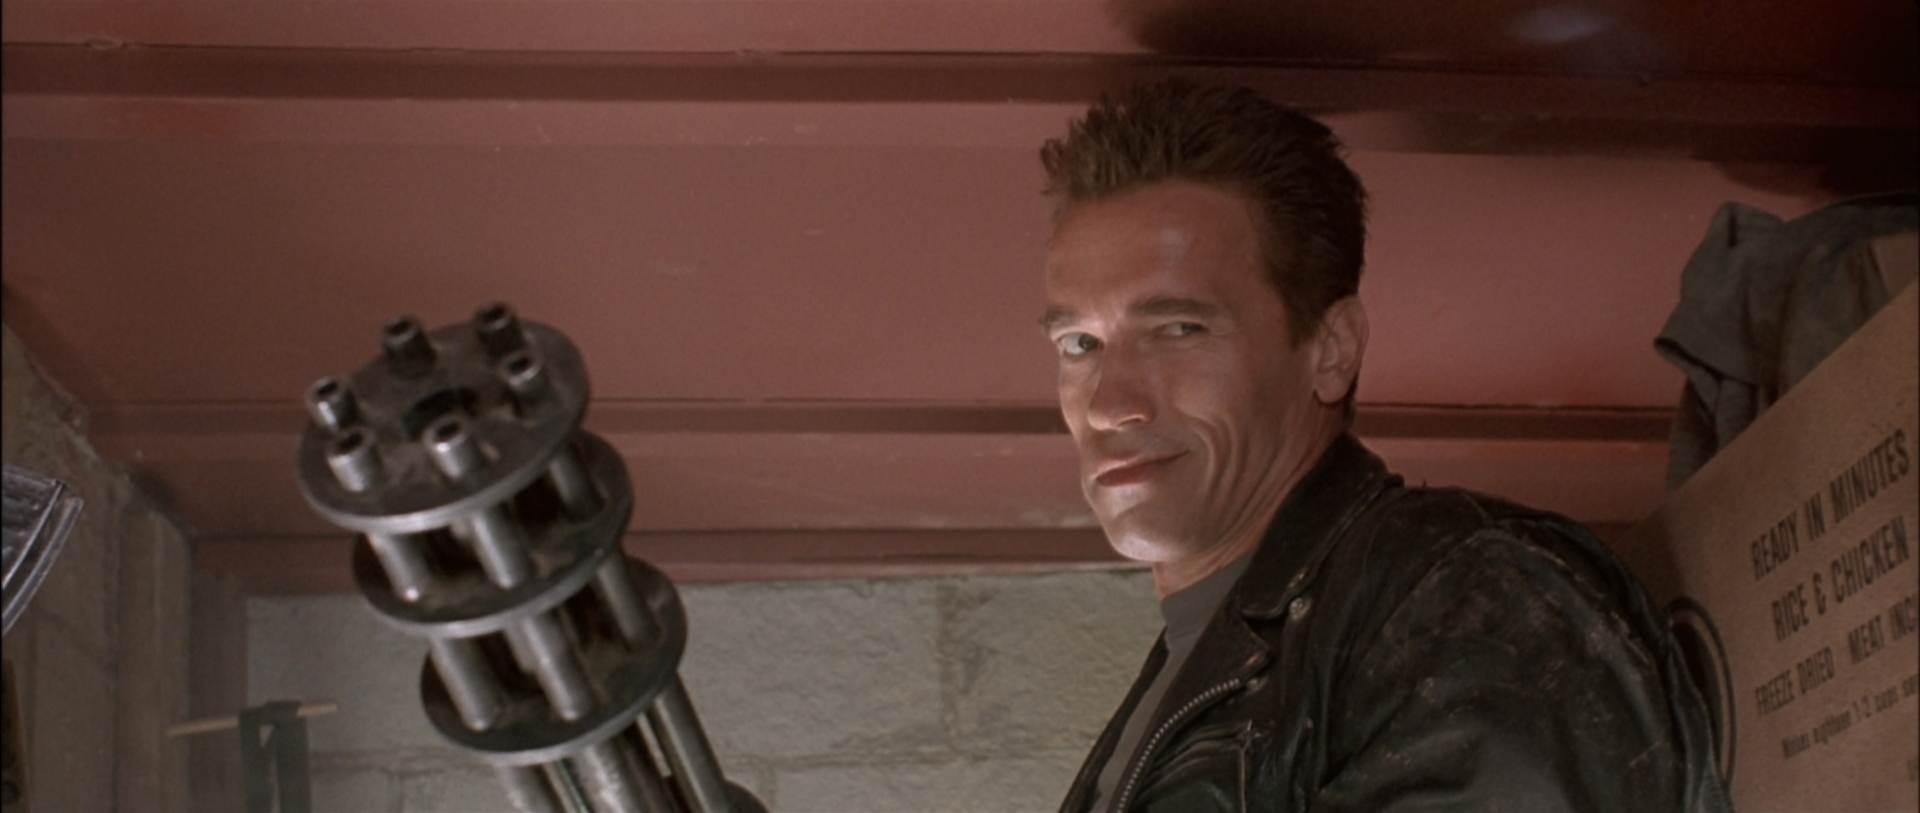 Afbeeldingen van Terminator 2 Judgement Day Shining